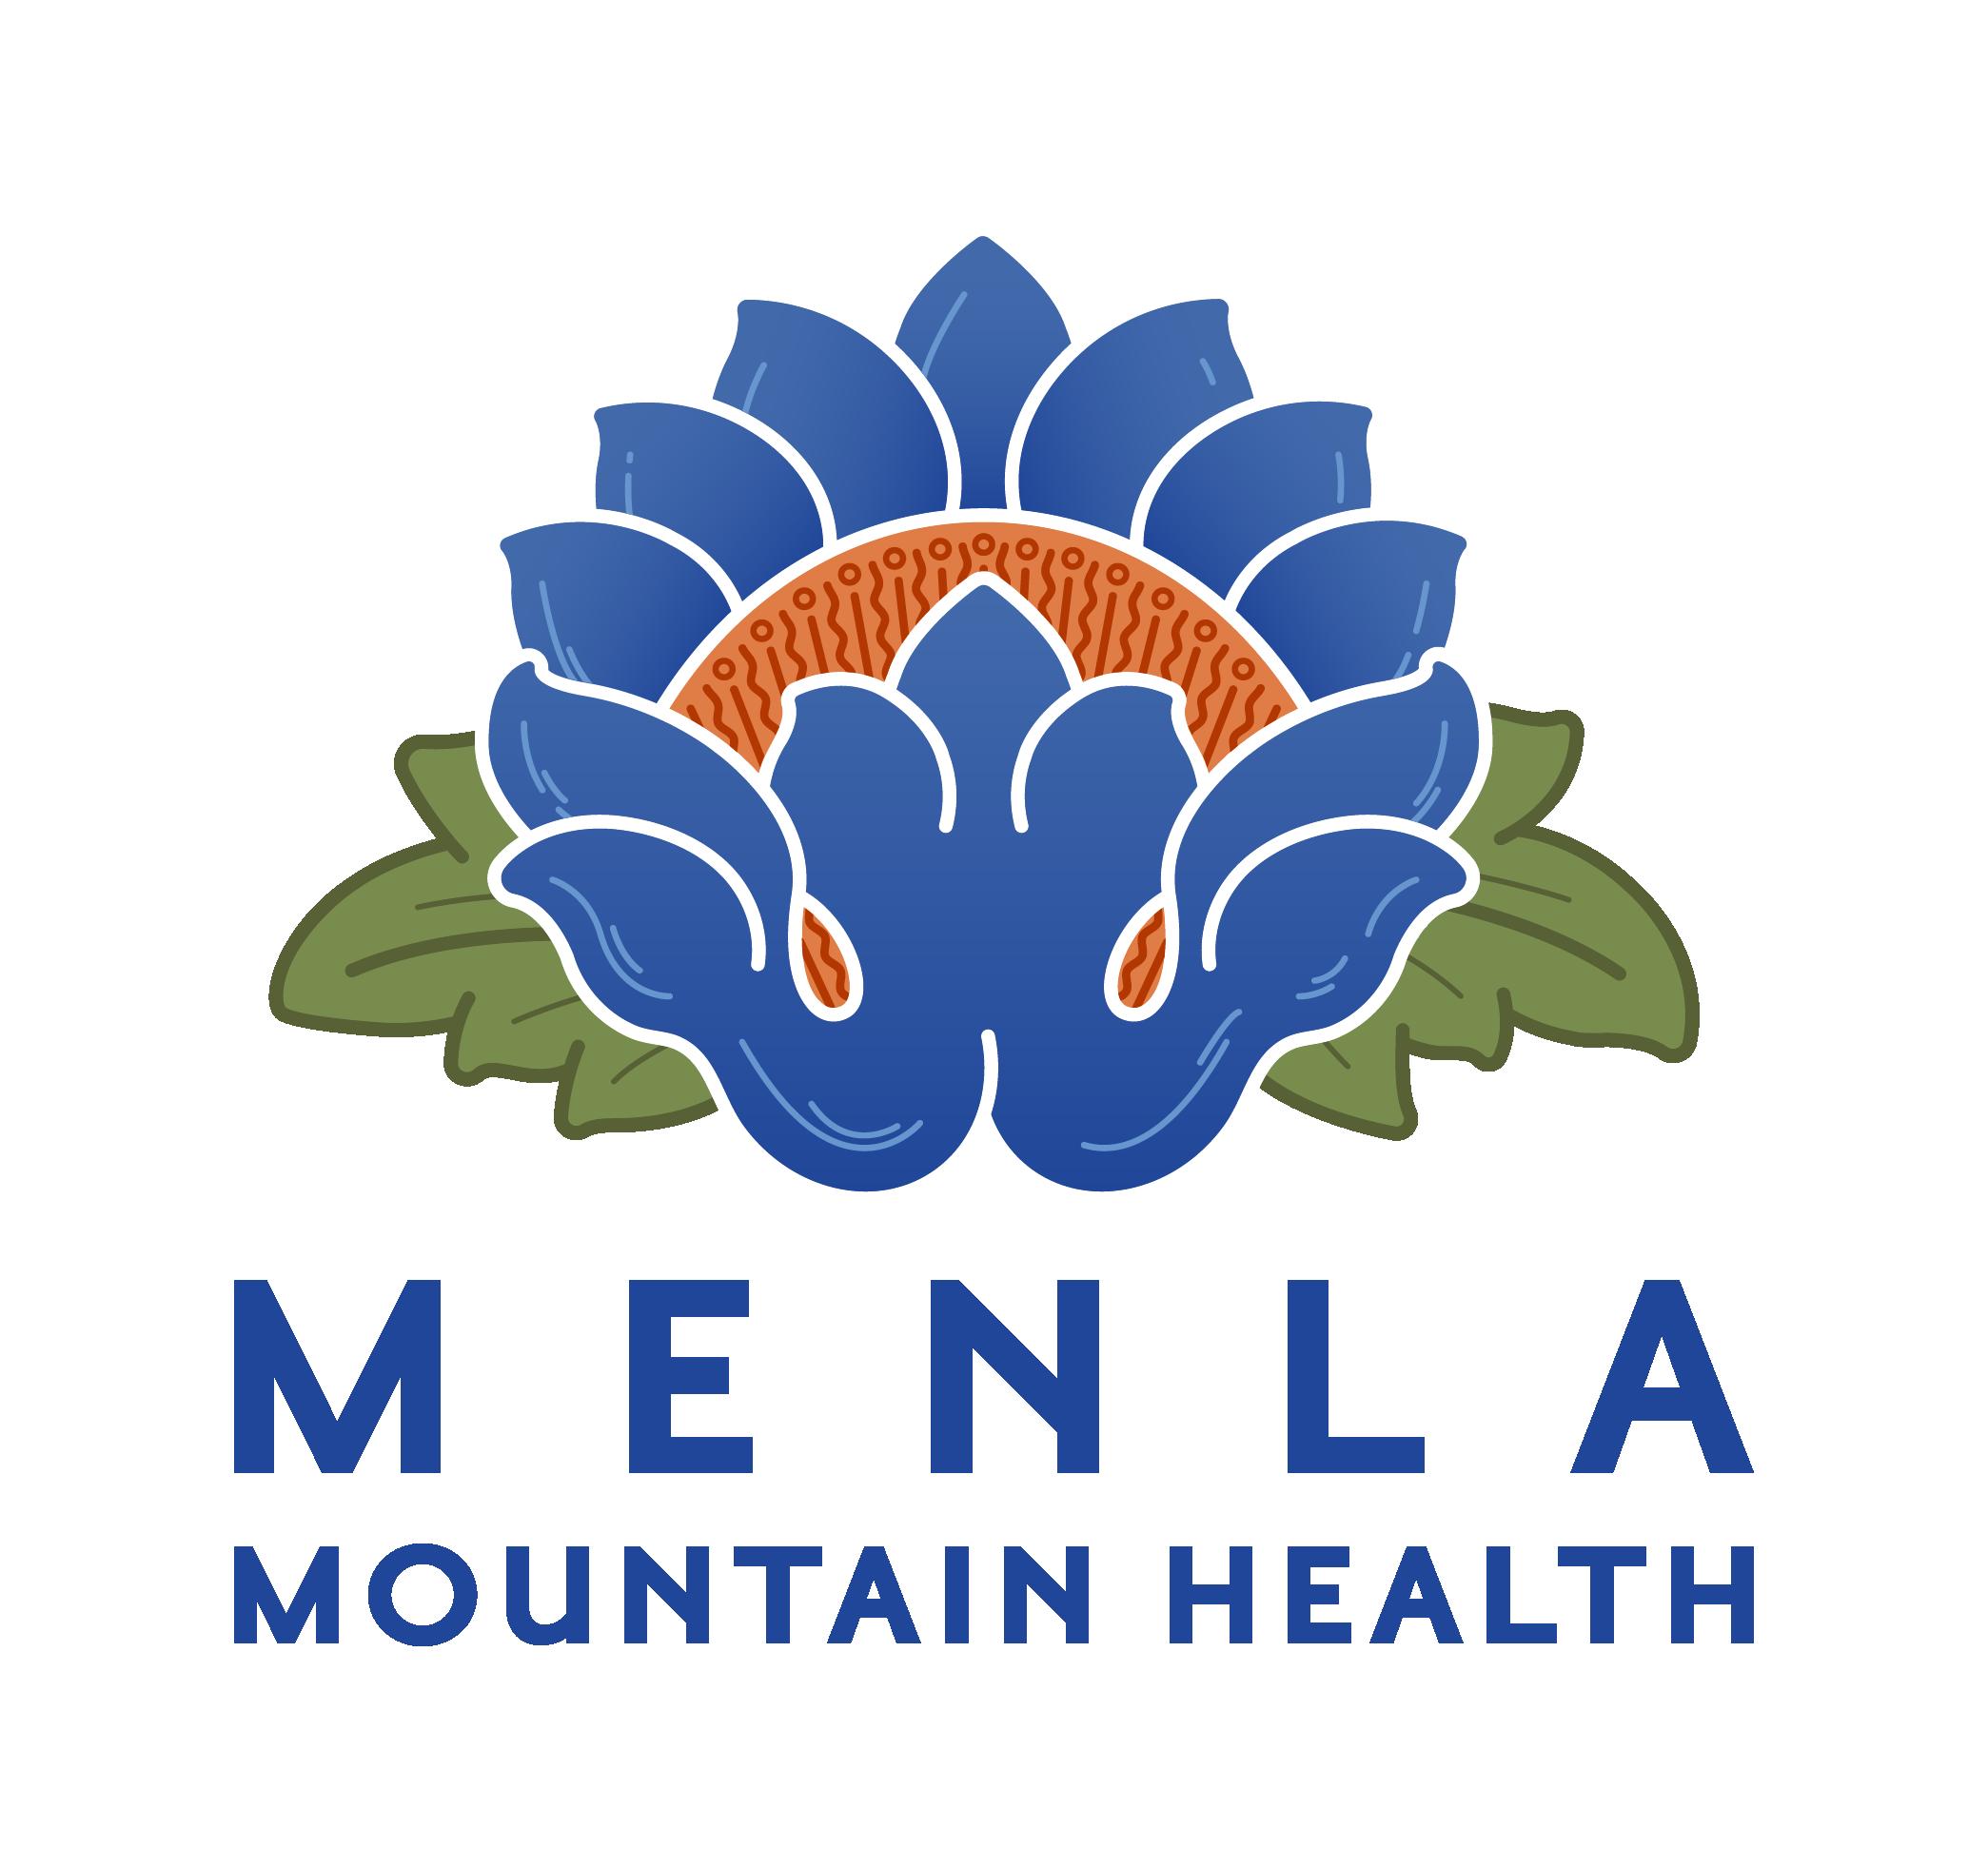 Menla Mountain Health